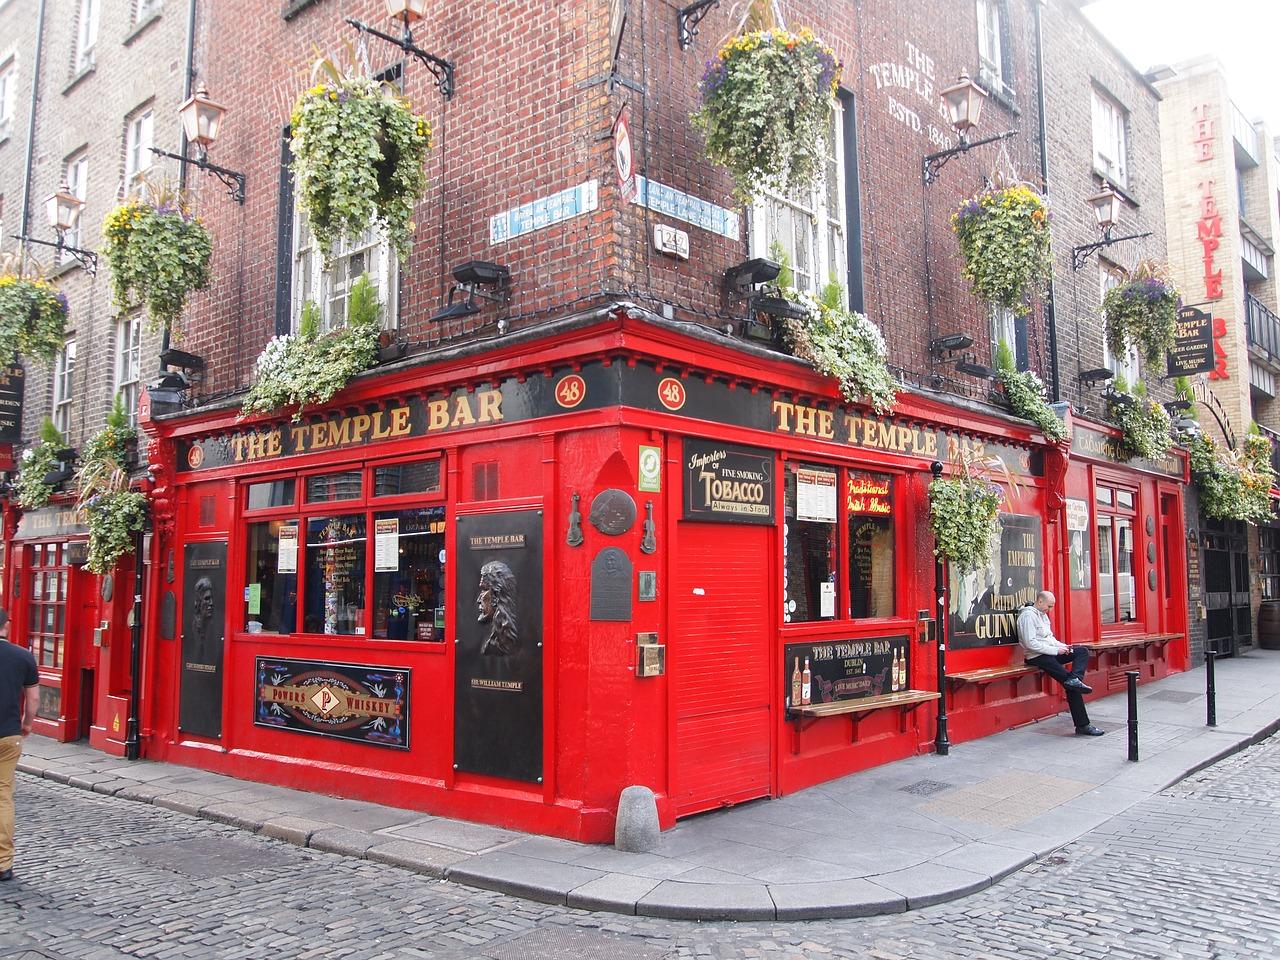 Stedentrip Dublin 2